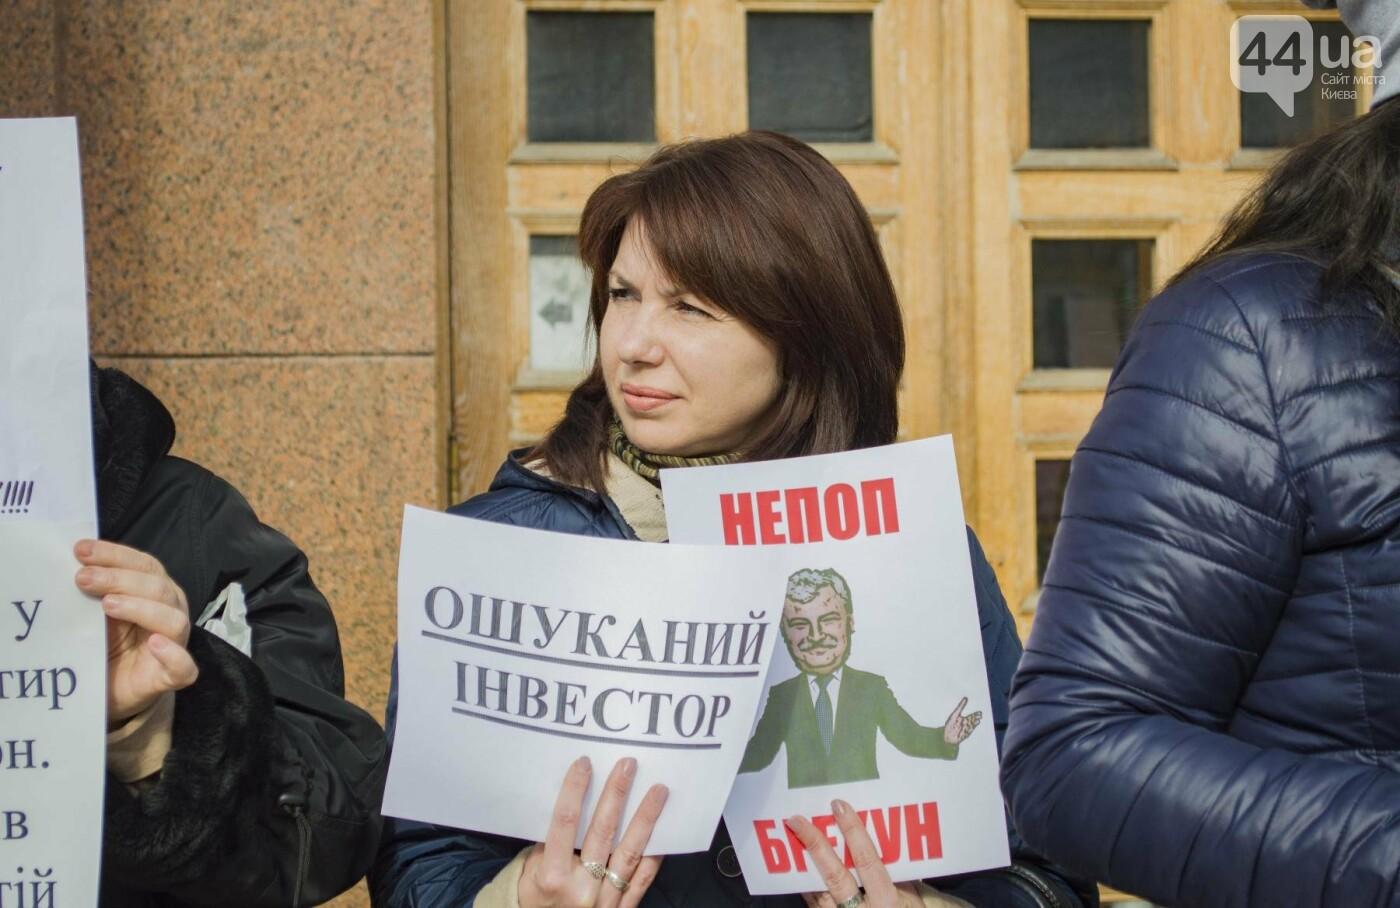 """""""Кличко, дострой ЖК"""": под мэрией обманутые инвесторы устроили митинг, фото-6"""